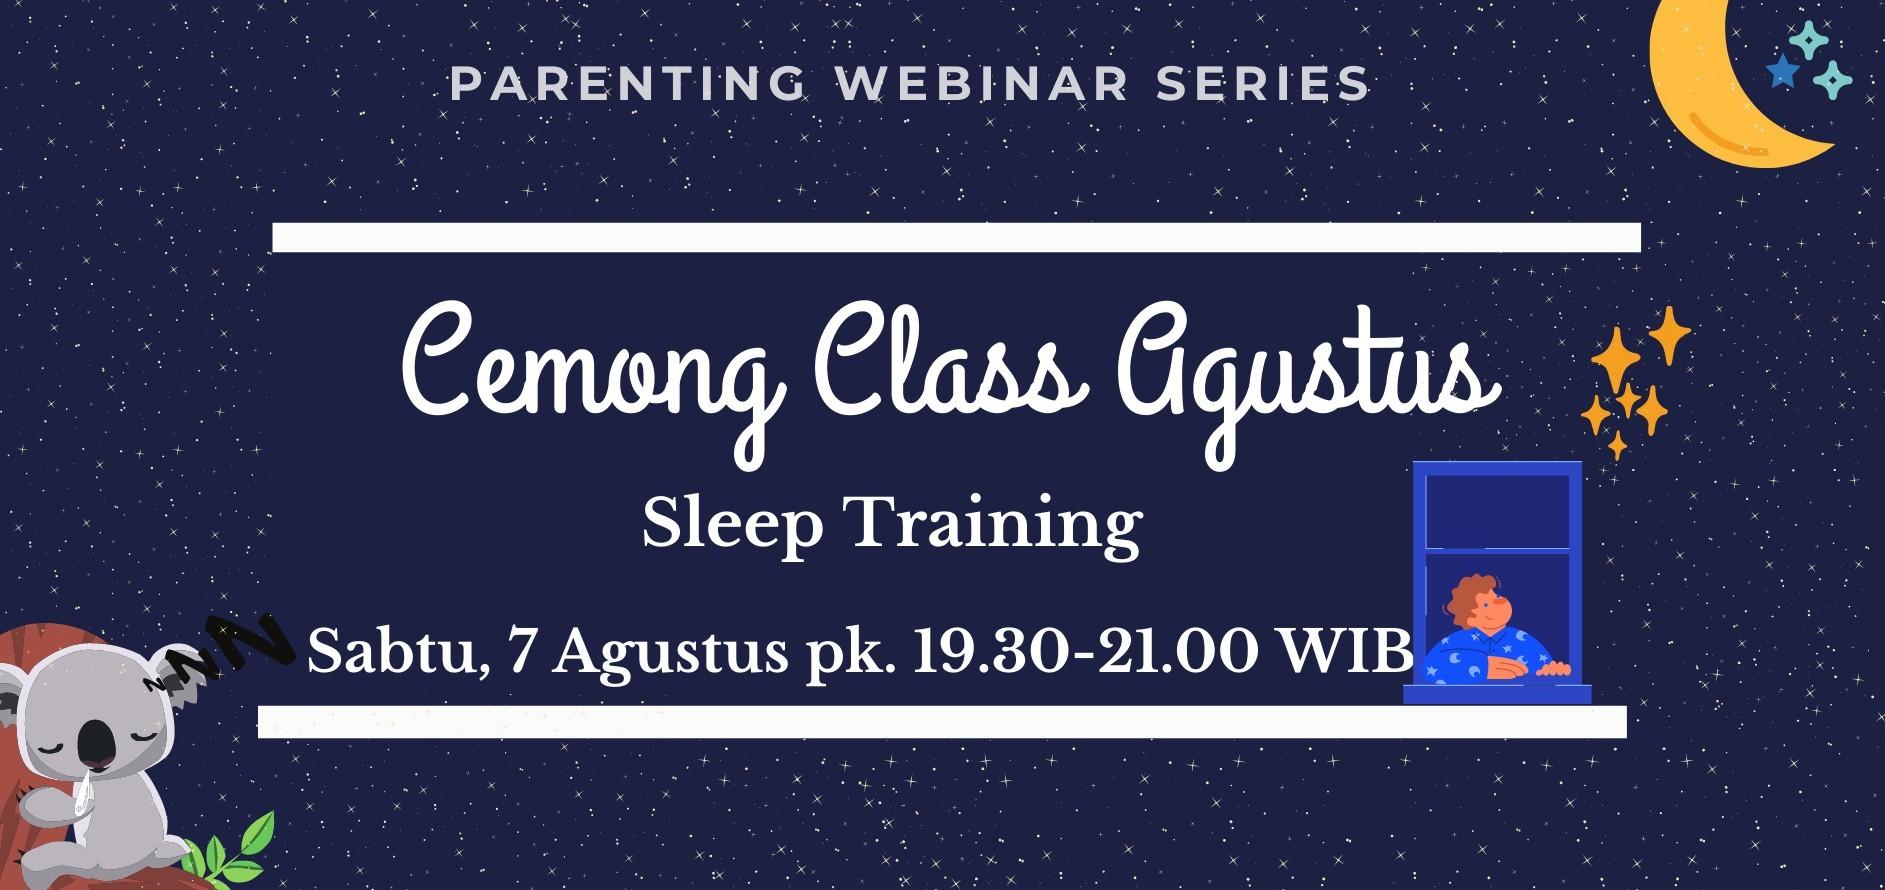 Cemong Class Agustus - Sleep Training